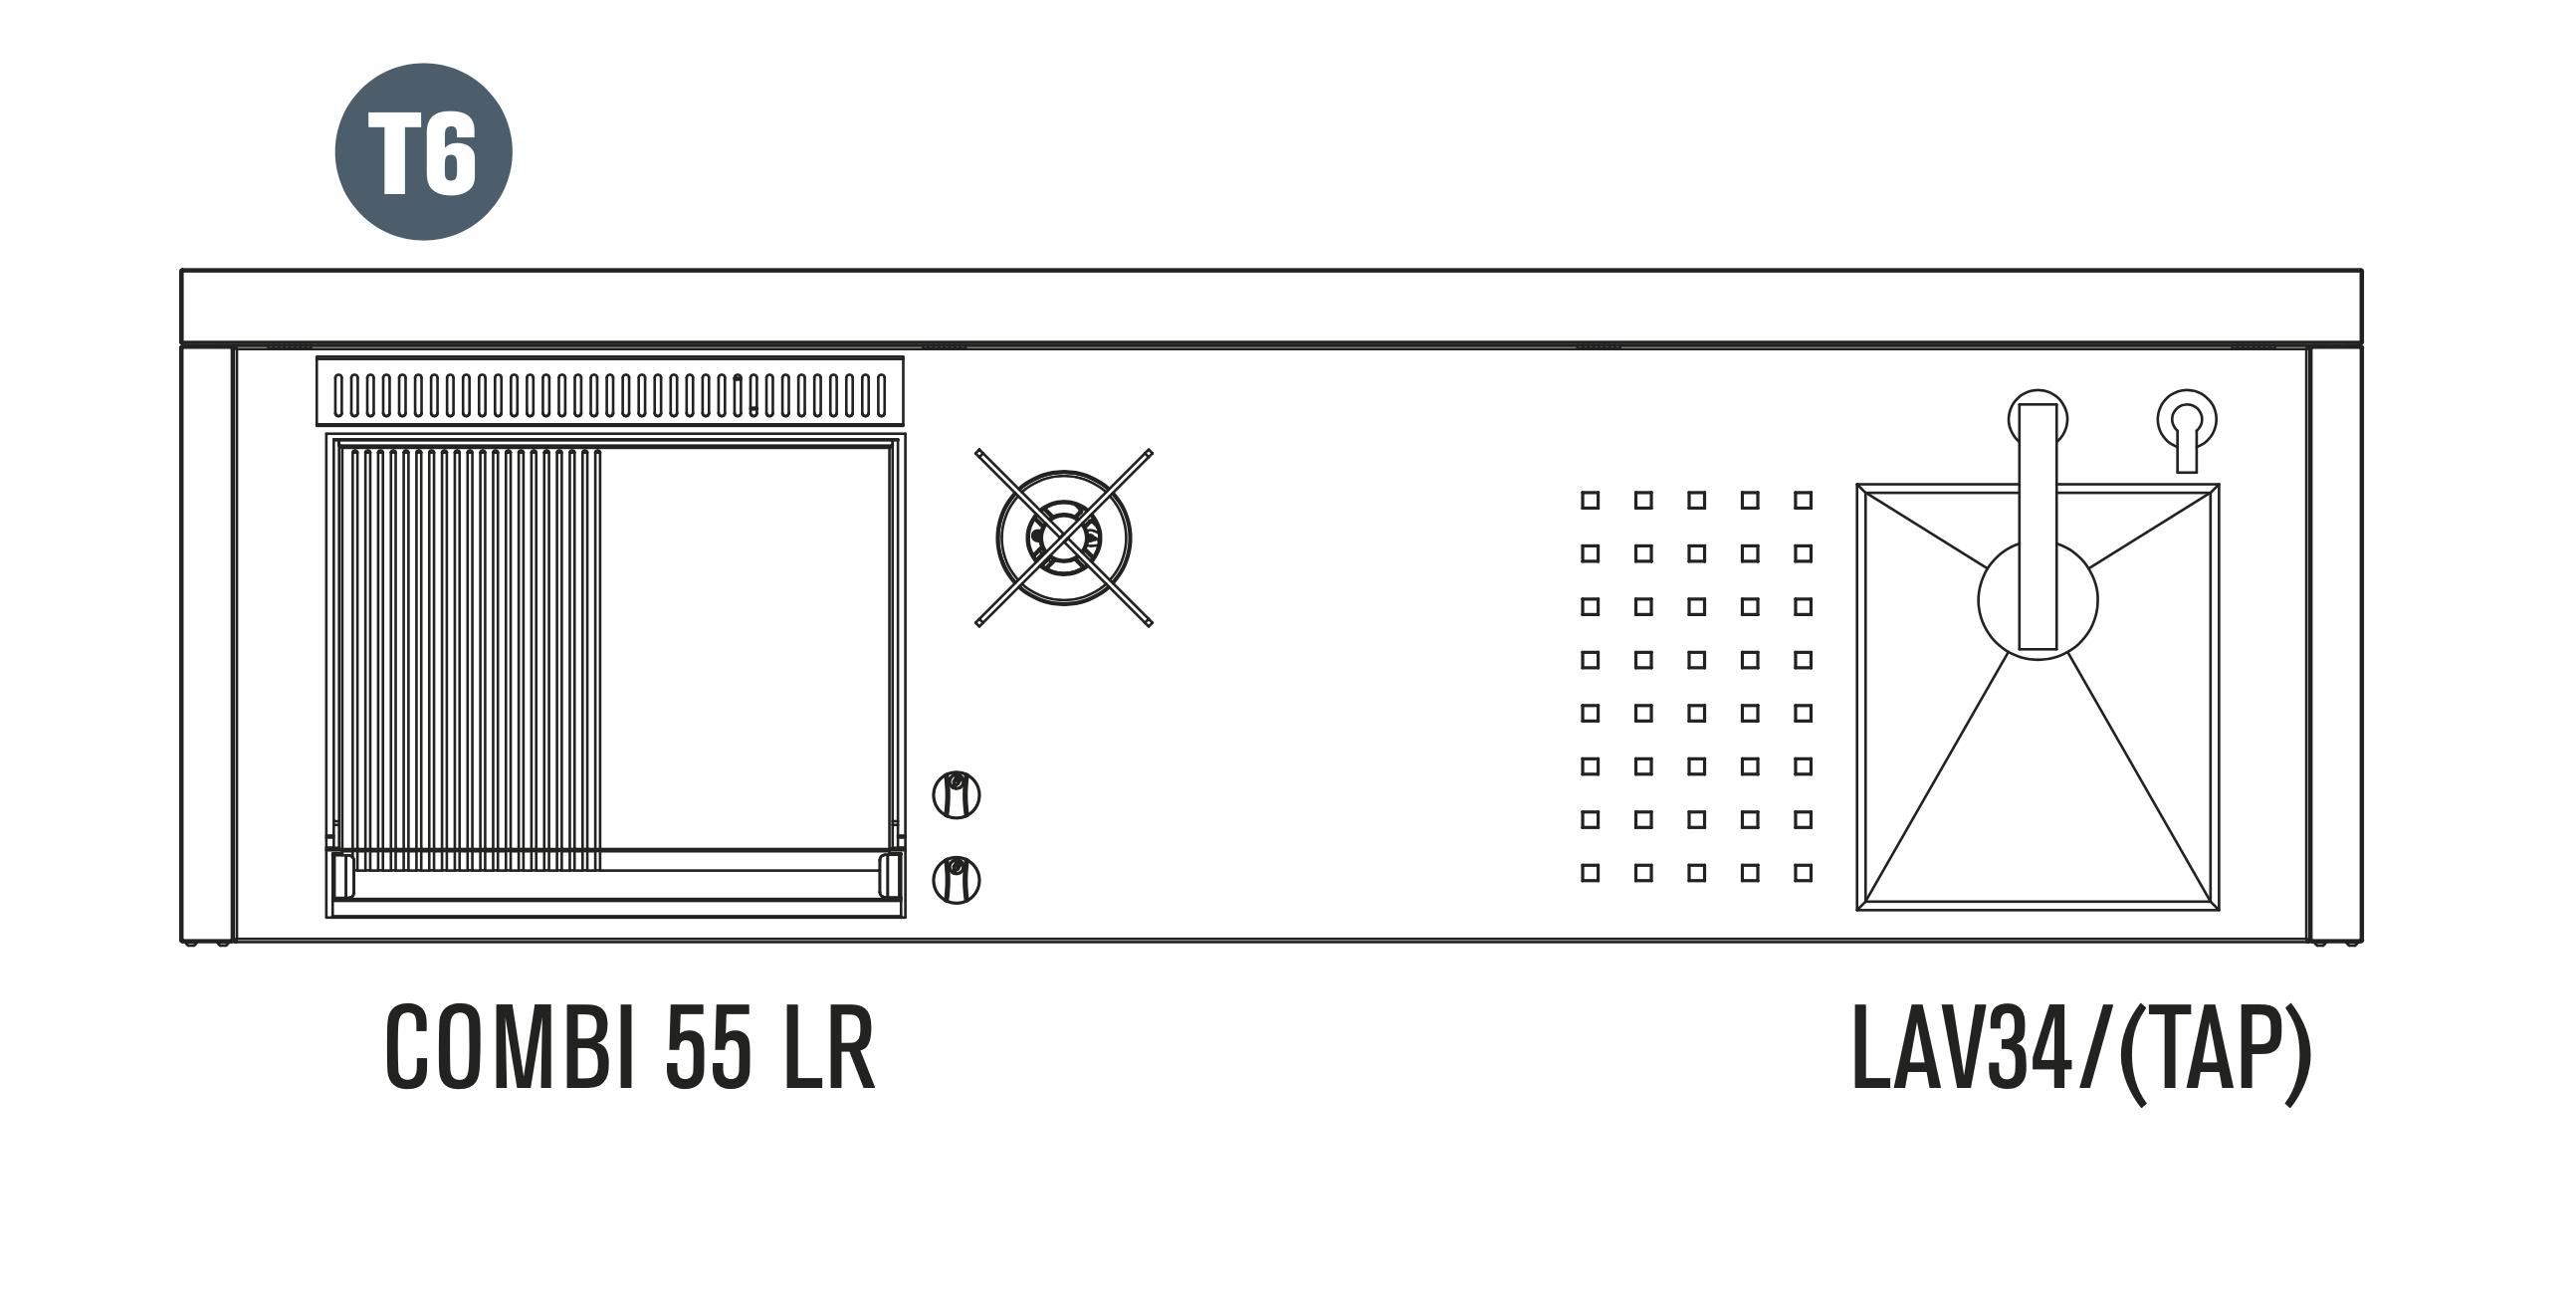 OASI Serie Outdoorküche 205-C5 T6 (IN 55 Combi LR)